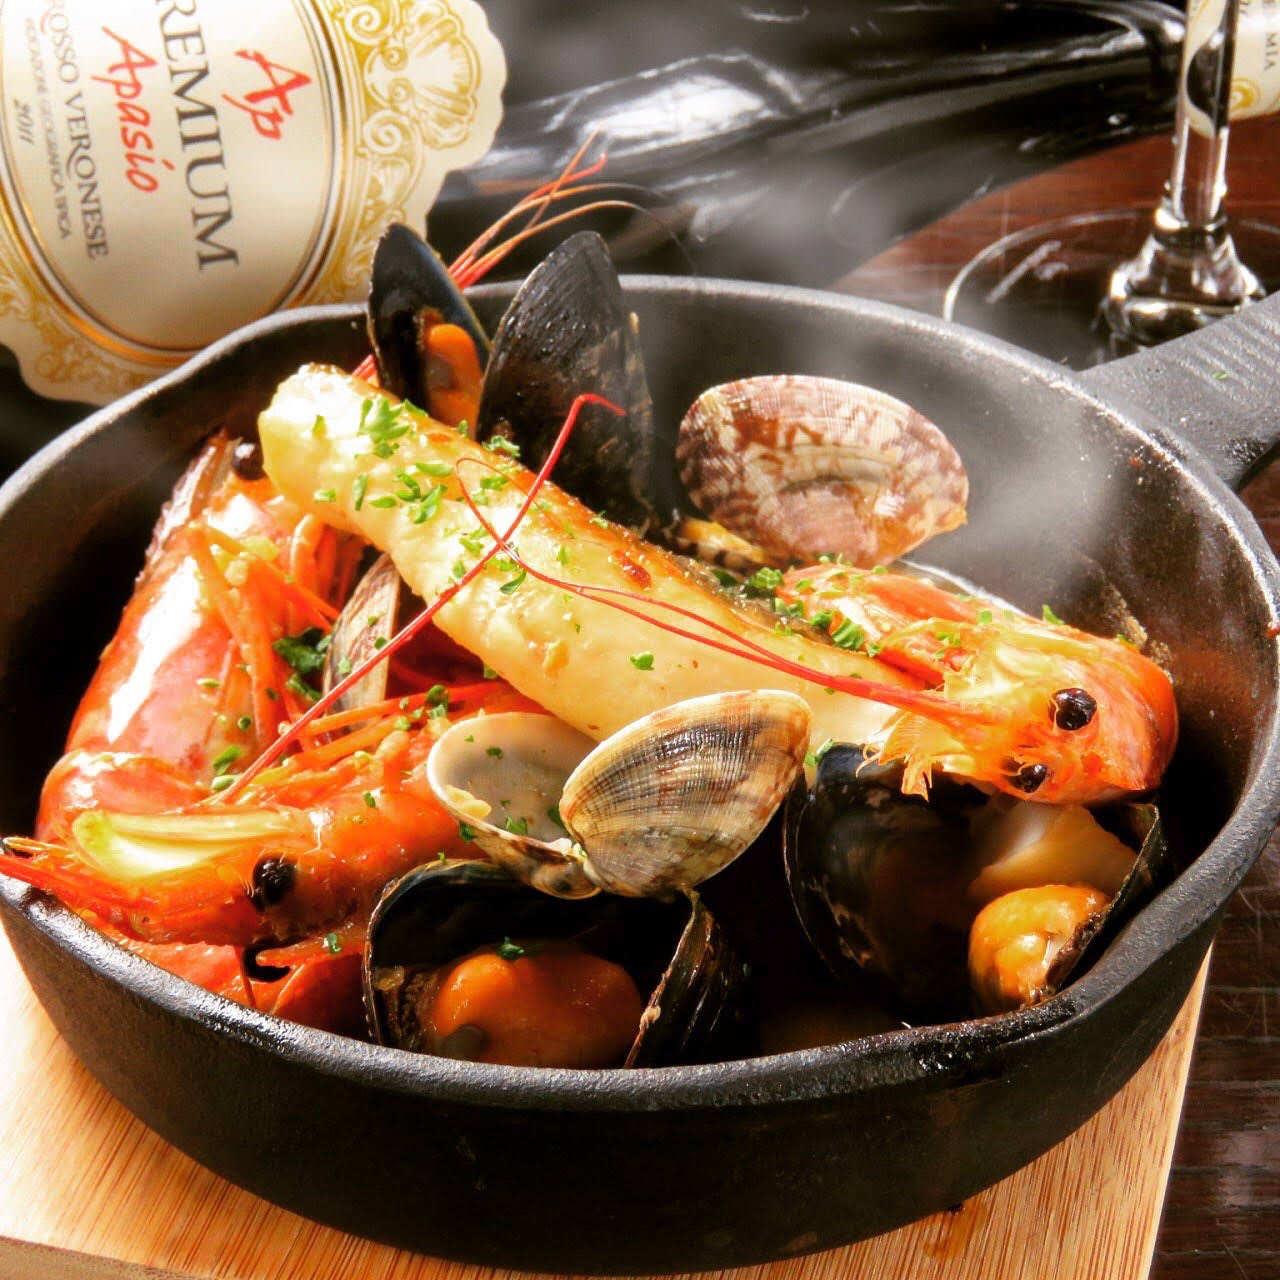 牡蠣や魚介類×ワインのマリアージュ